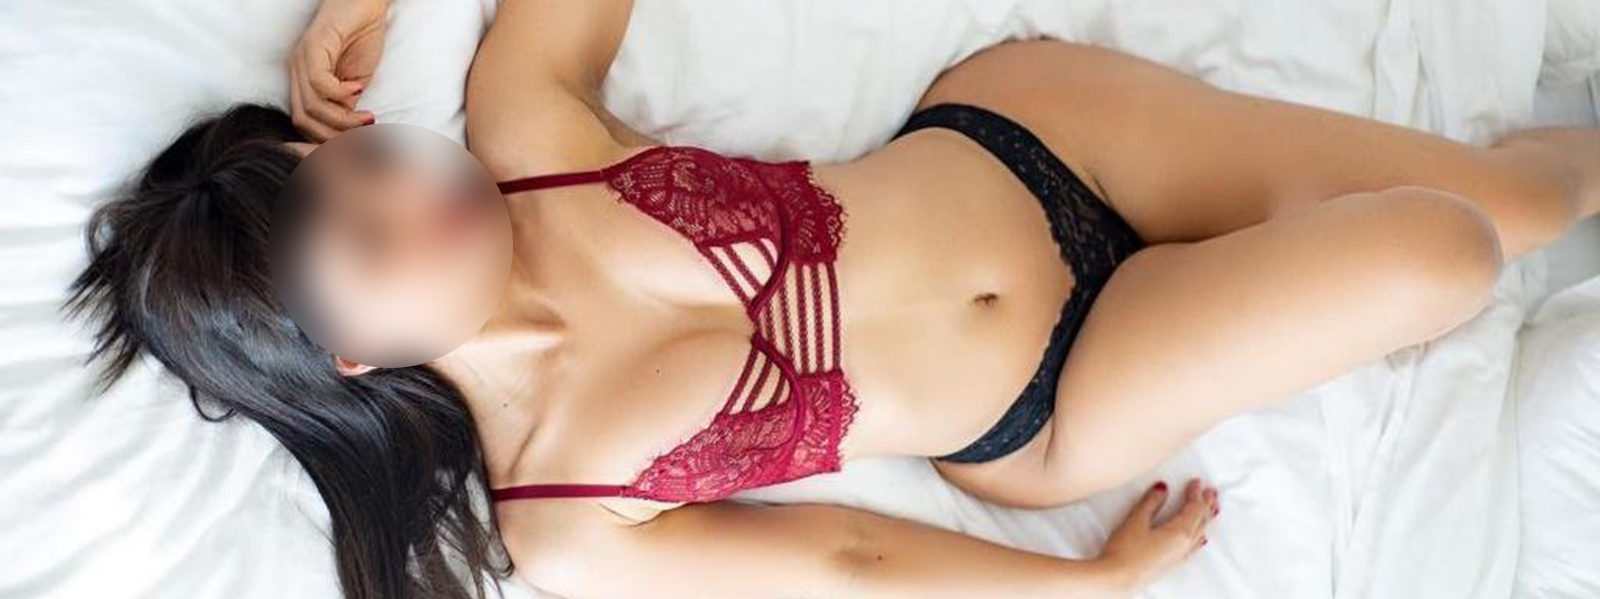 Jessica Rio | Mulheres